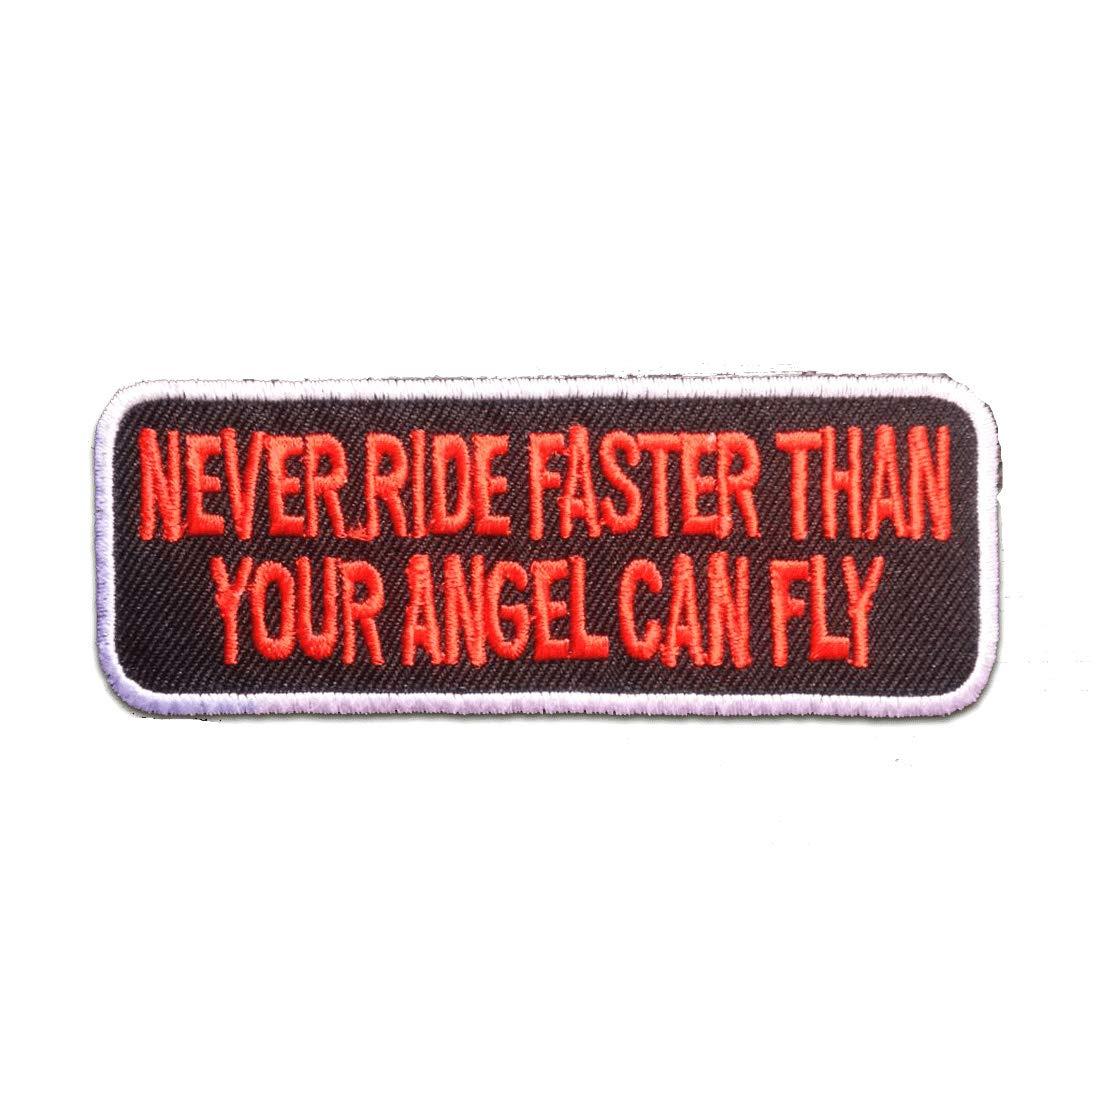 Toppe termoadesive - Never Ride Faster.Biker - rosso - 9.8x3.7cm - Patch Toppa ricamate Applicazioni Ricamata da cucire adesive